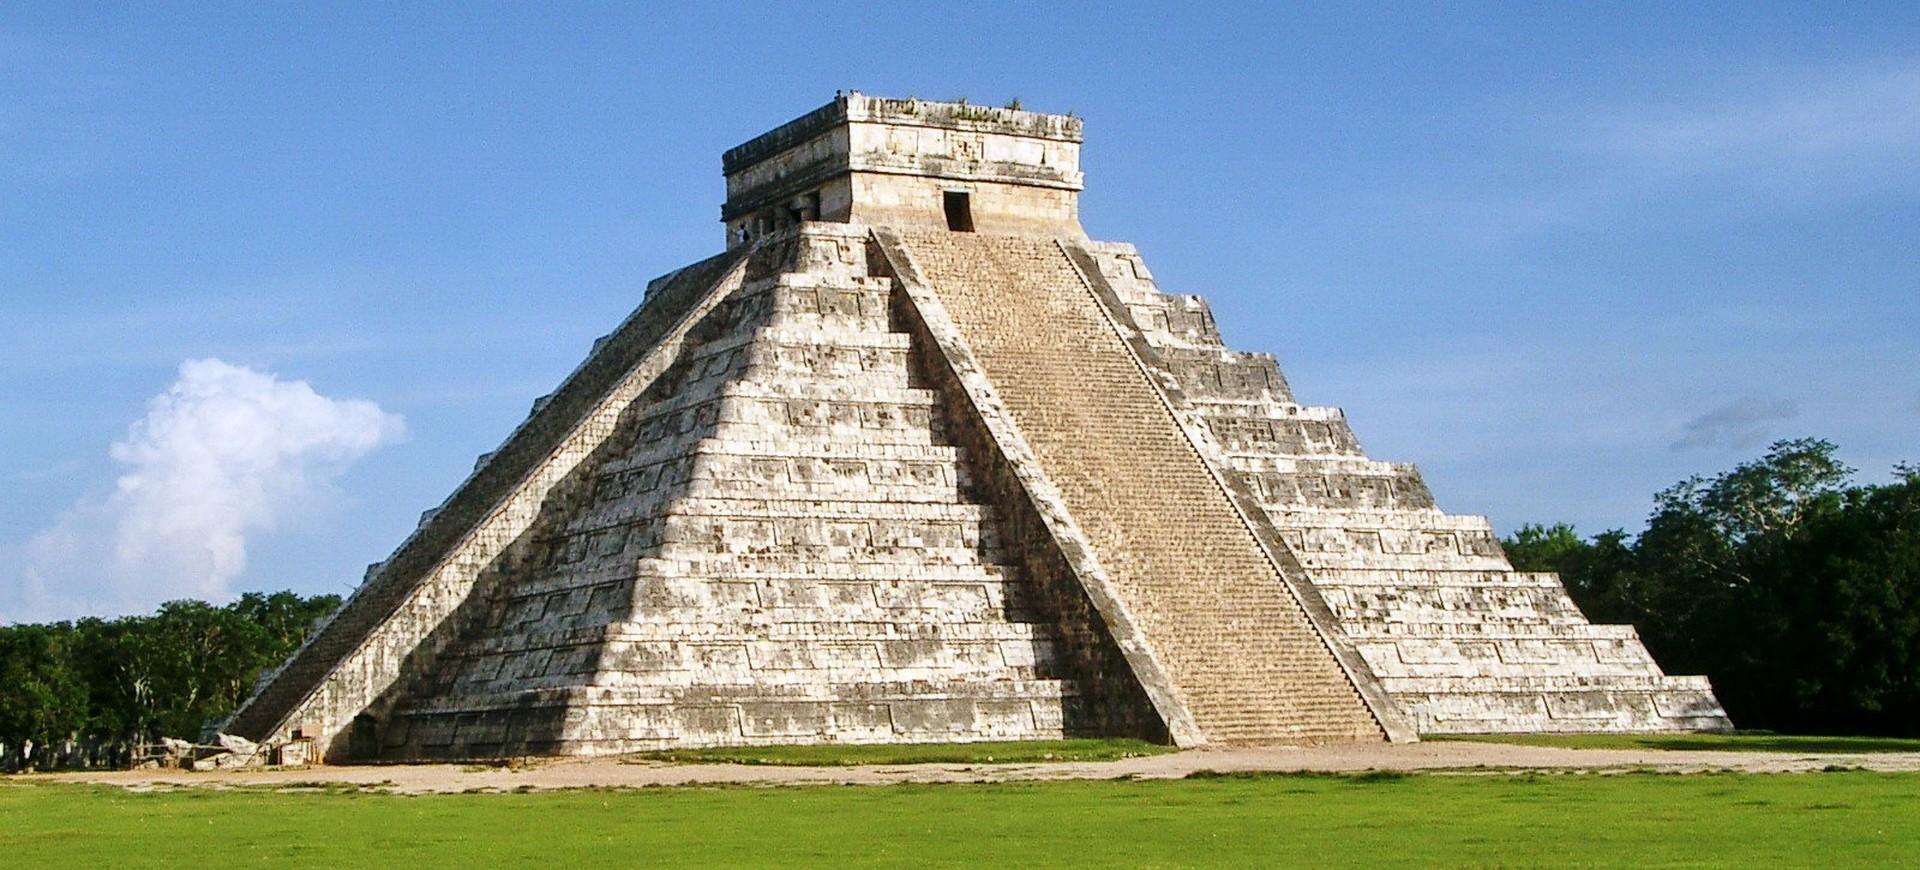 Amérique Centrale Mexique Chichen Itza Pyramide Kukulcan